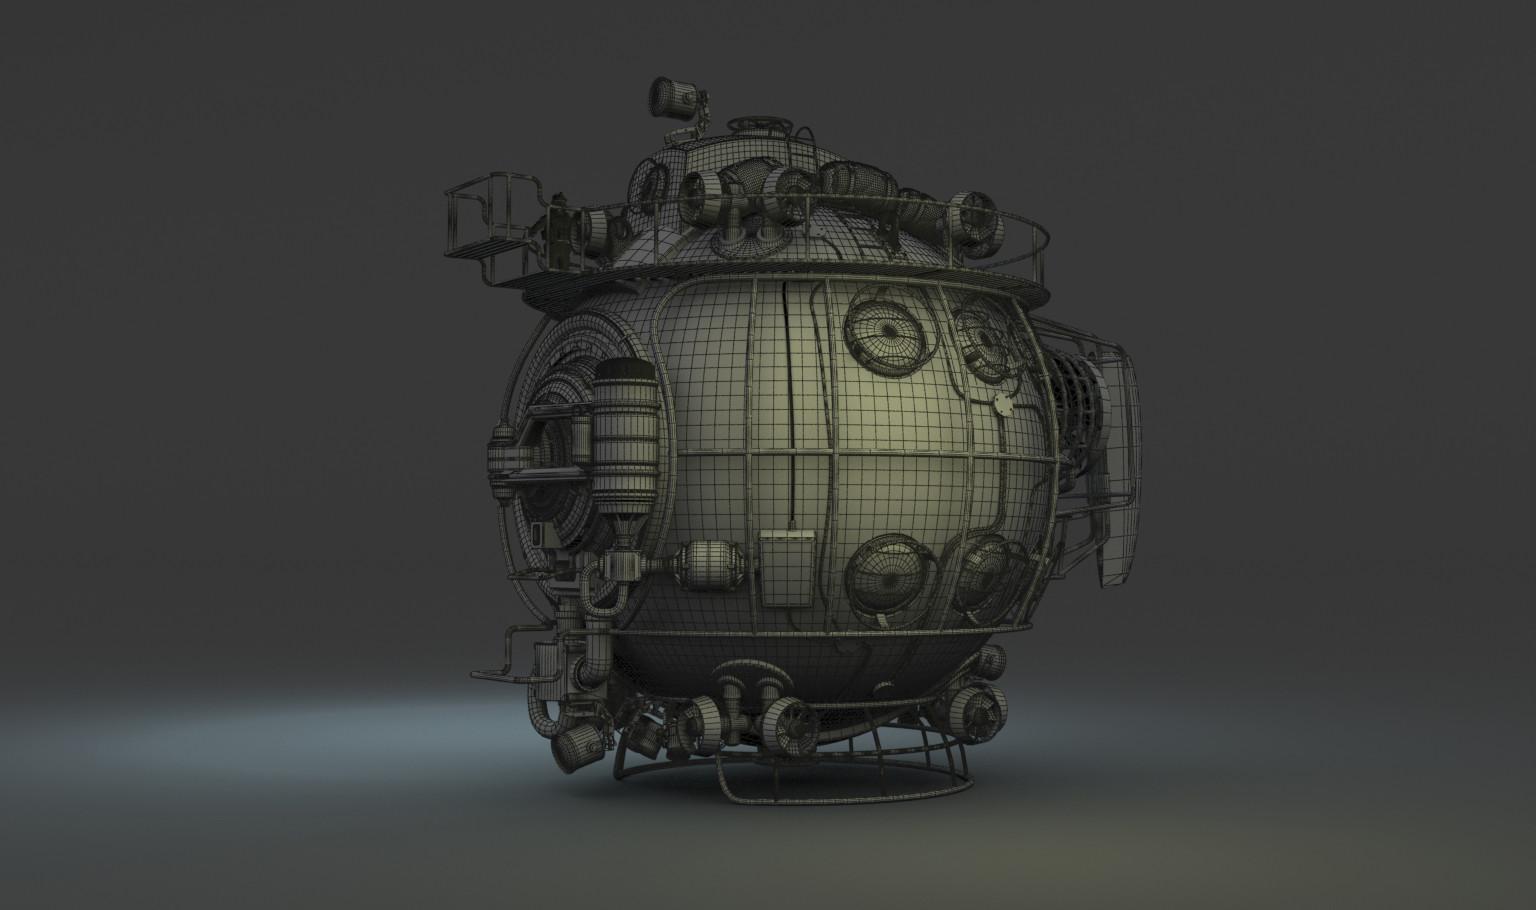 Ben harrison sub wire01